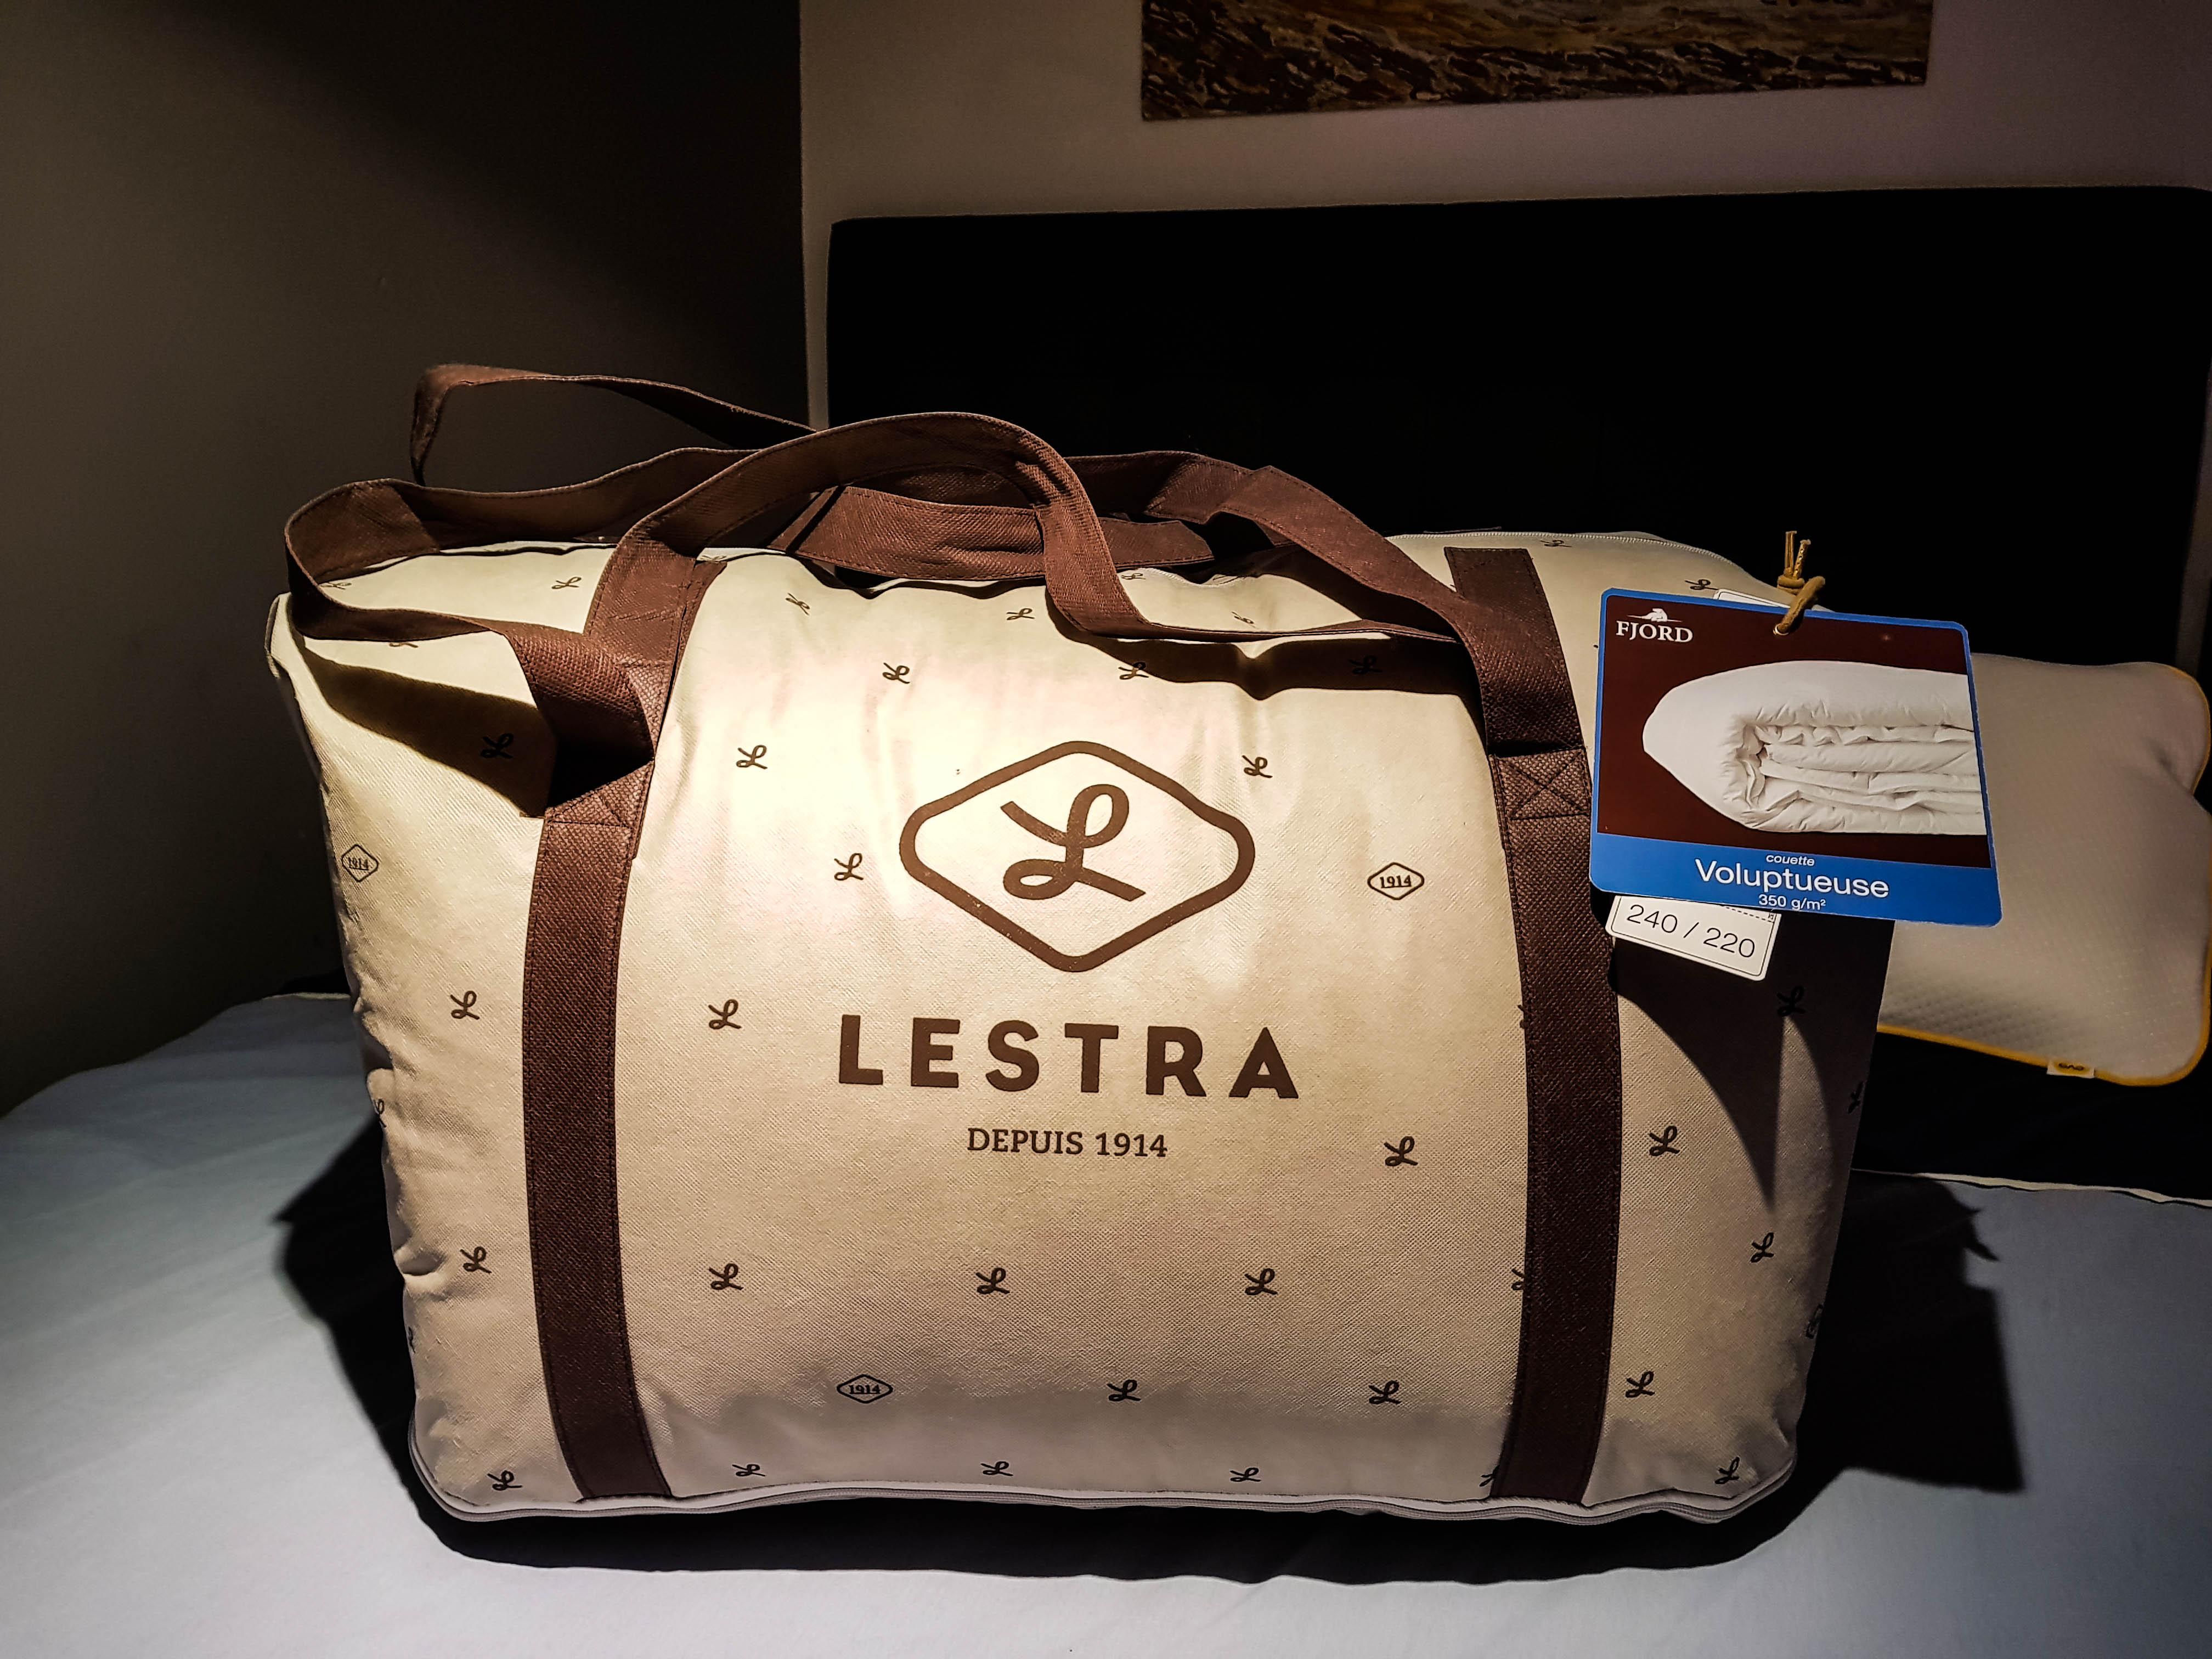 Test produit nouvelle fibre Quallofil Premium de Dacryl couette Lestra